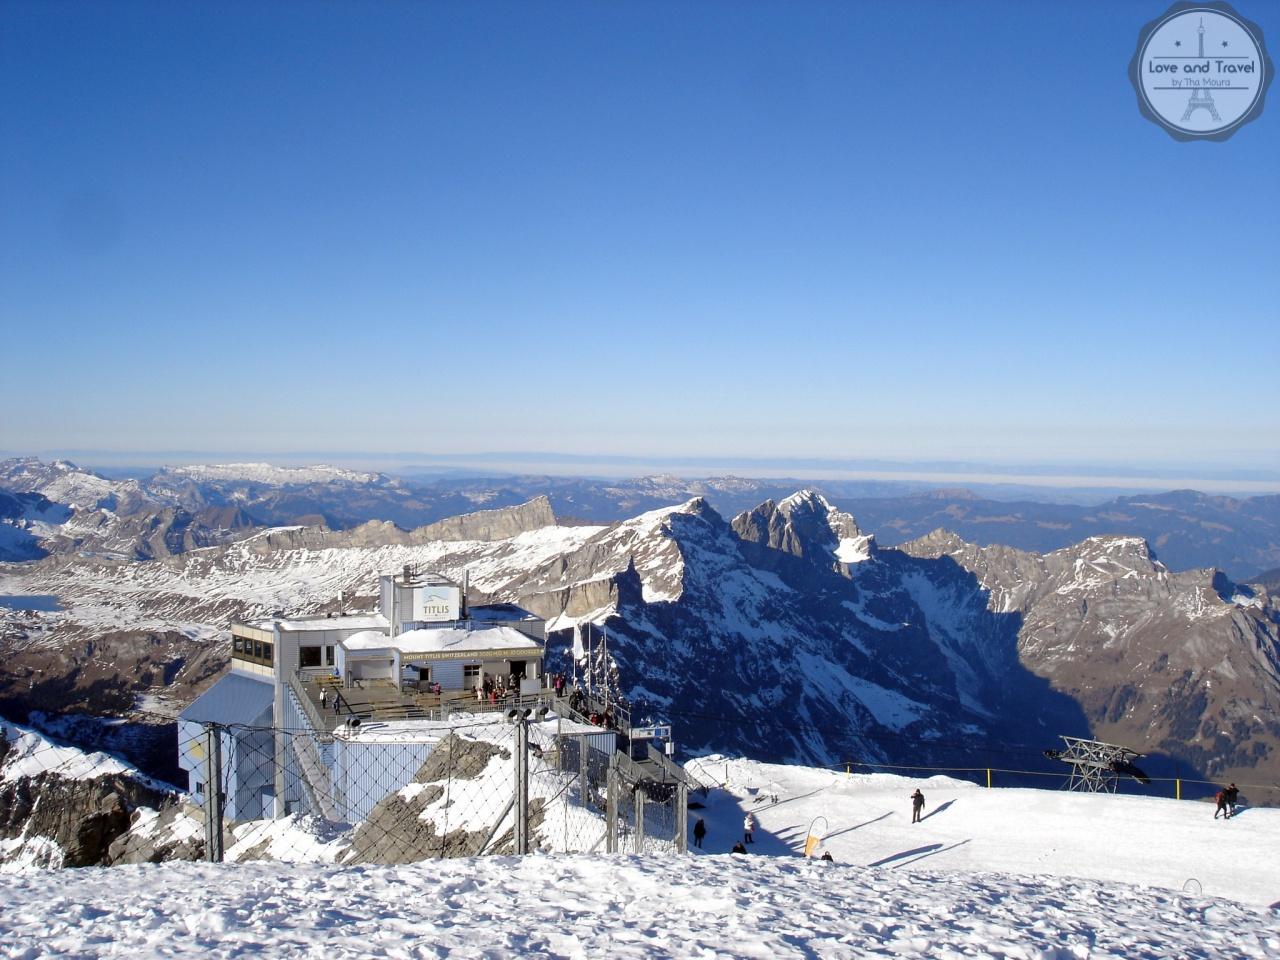 Monte Titlis Suíça-roteiro Suíça  8 dias